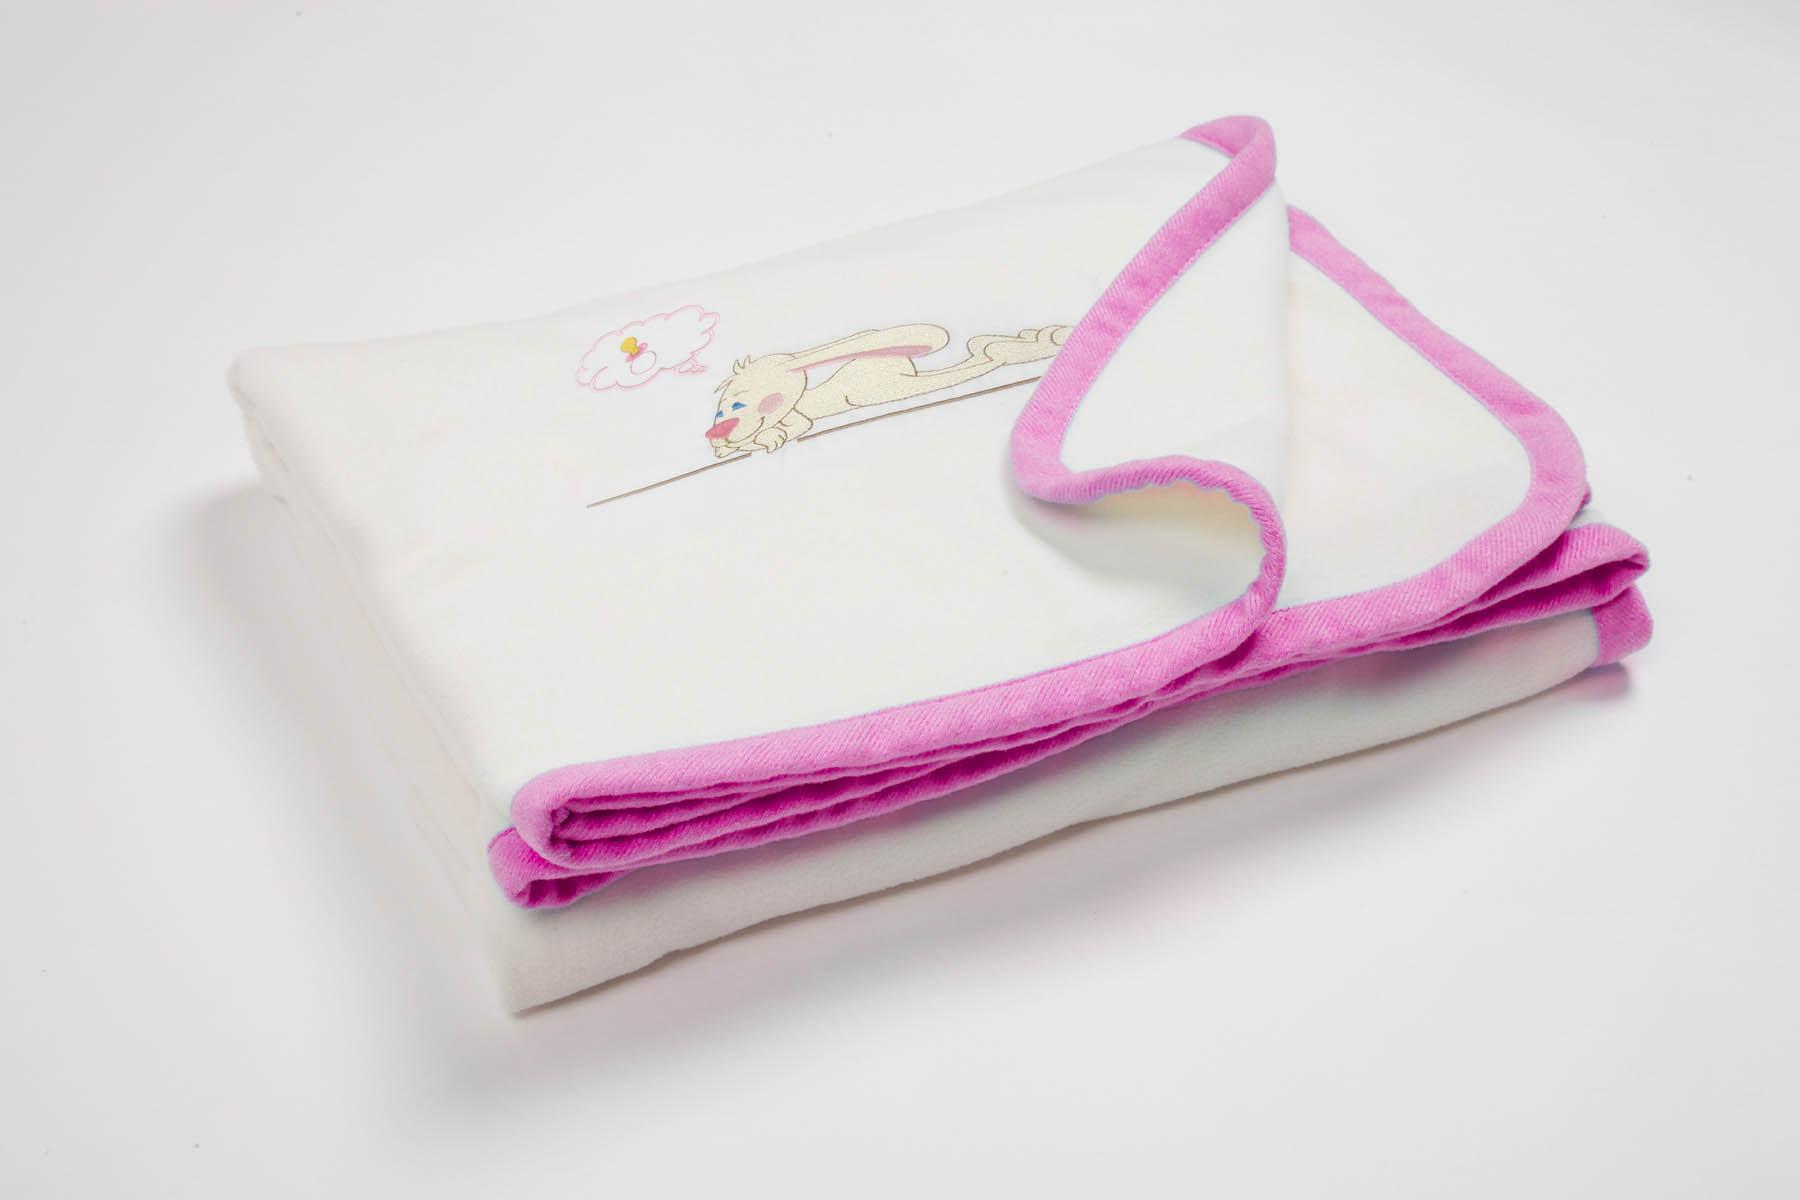 Купить Покрывала, подушки, одеяла для малышей Primavelle, Детский плед Lovely Цвет: Розовый (80х100 см), Россия, Синтетический флис